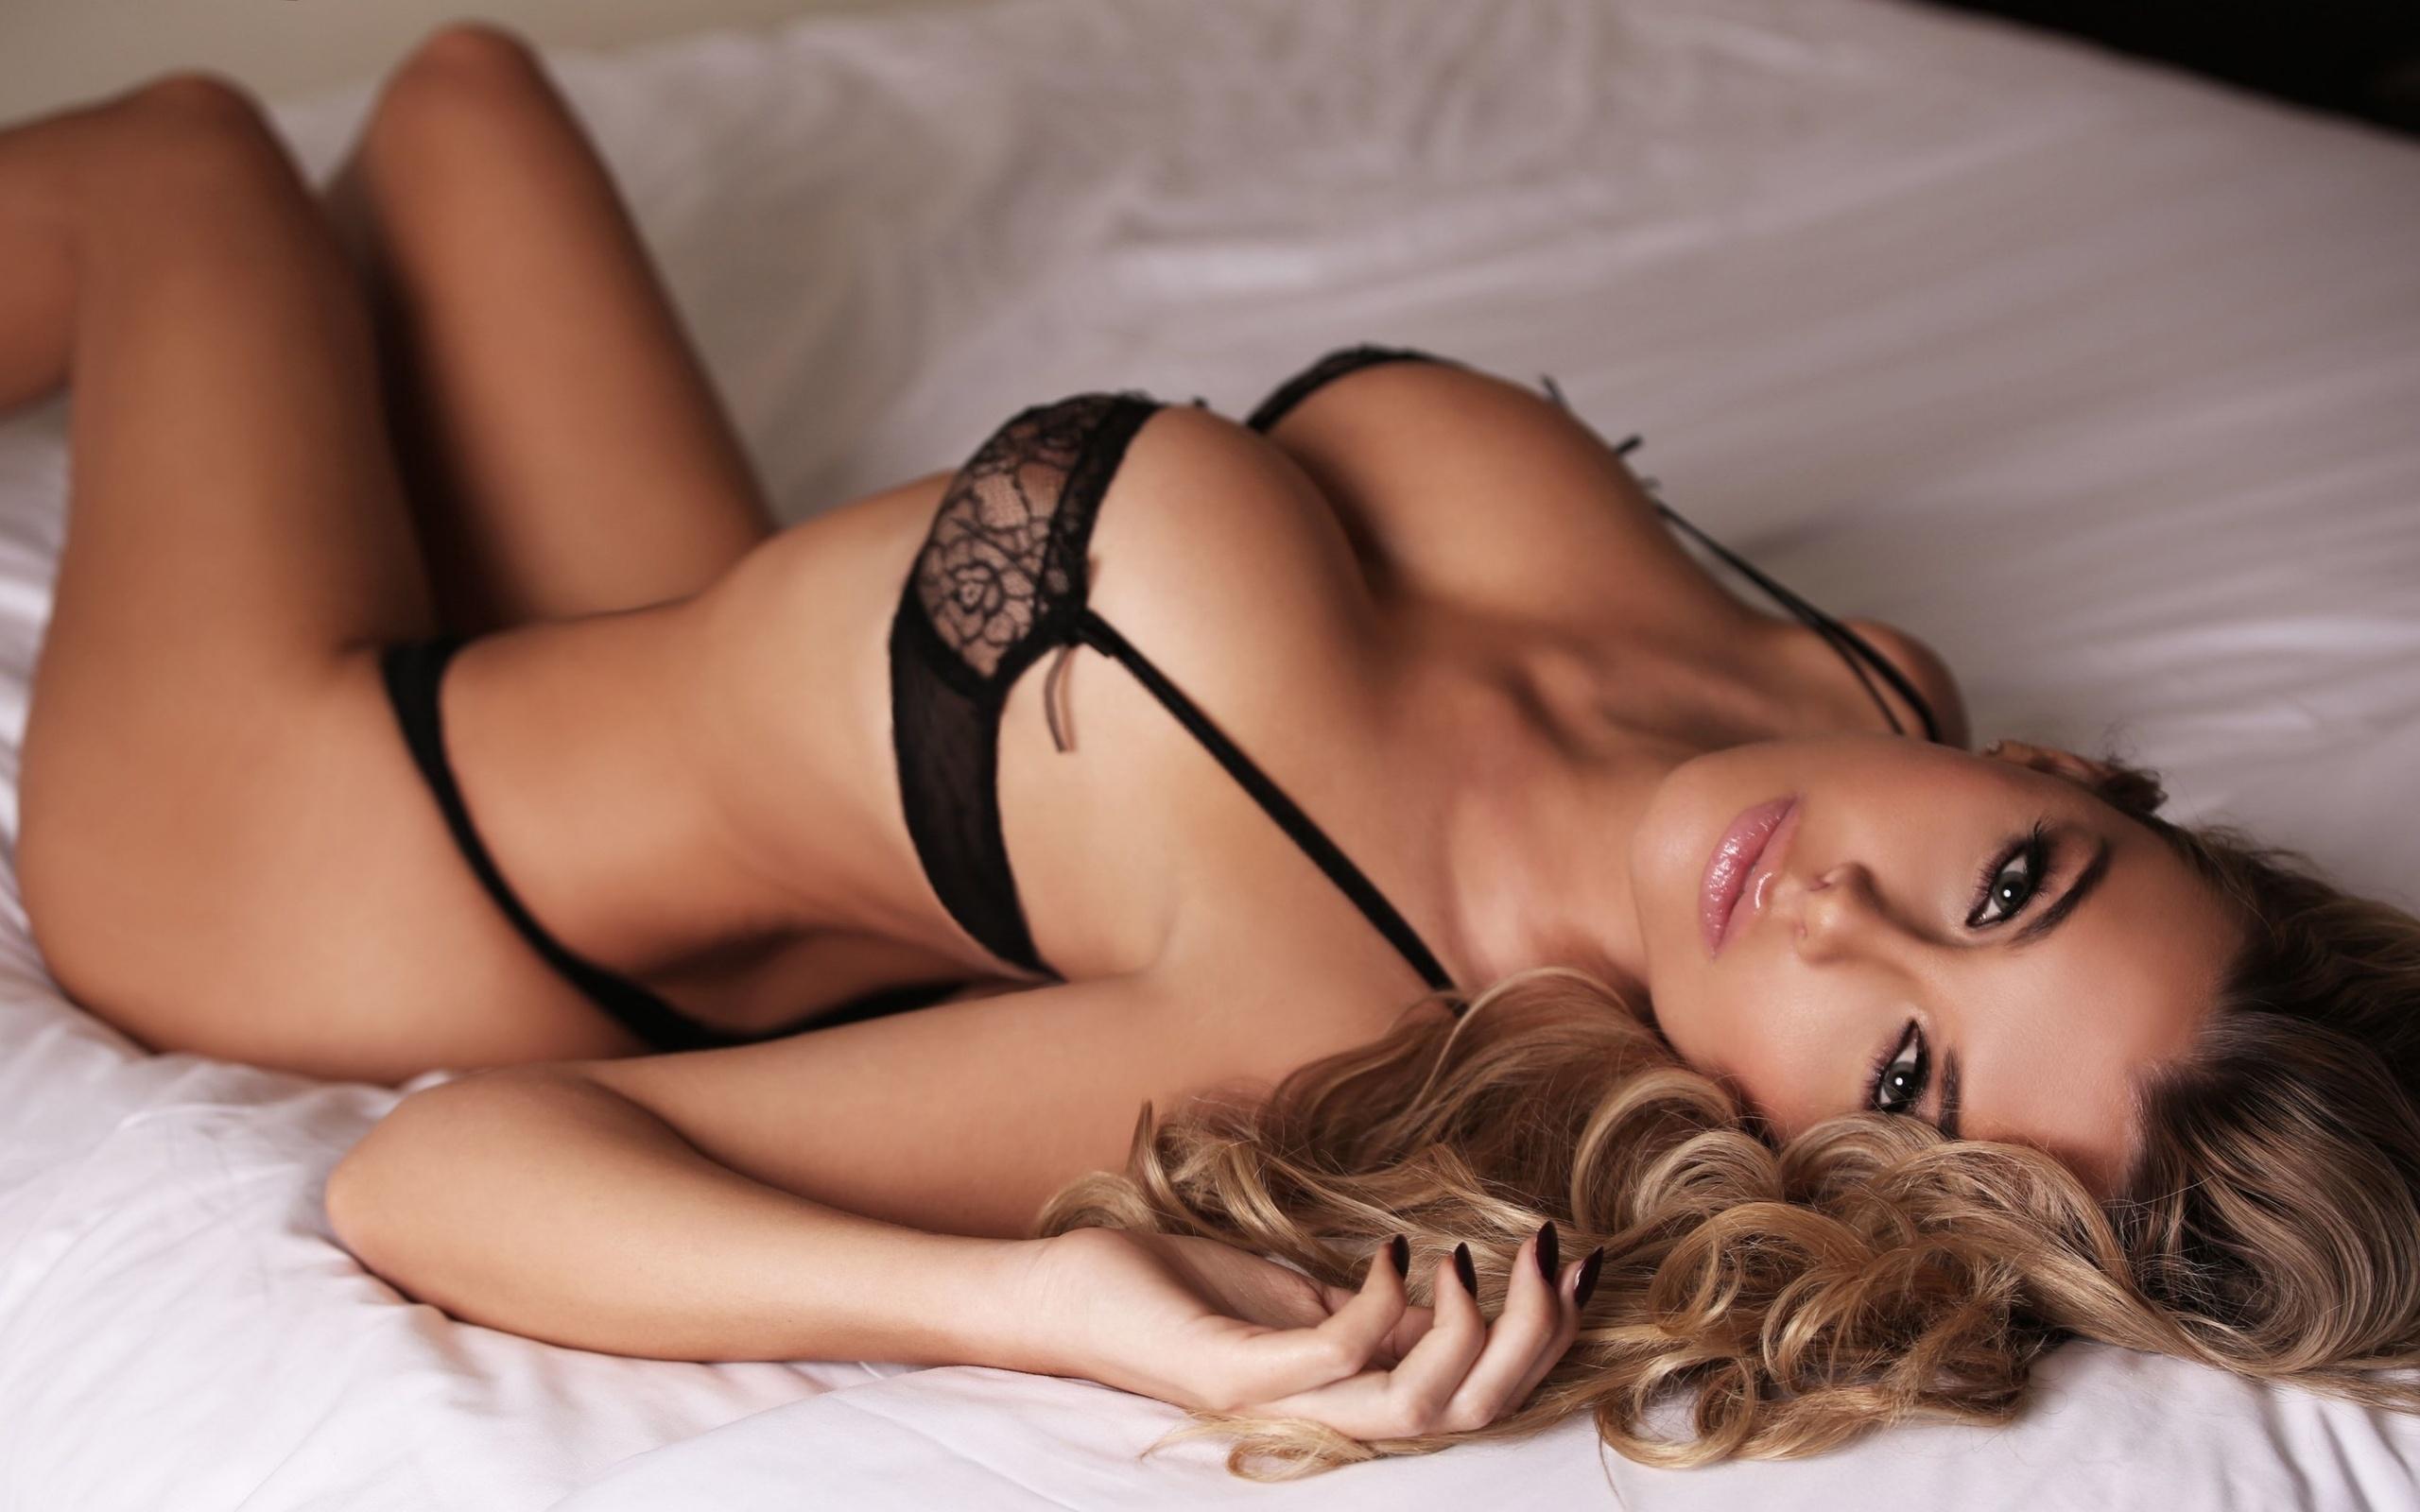 Сэкс с красивой, Категория Красивые - красивое порно, красивые 1 фотография